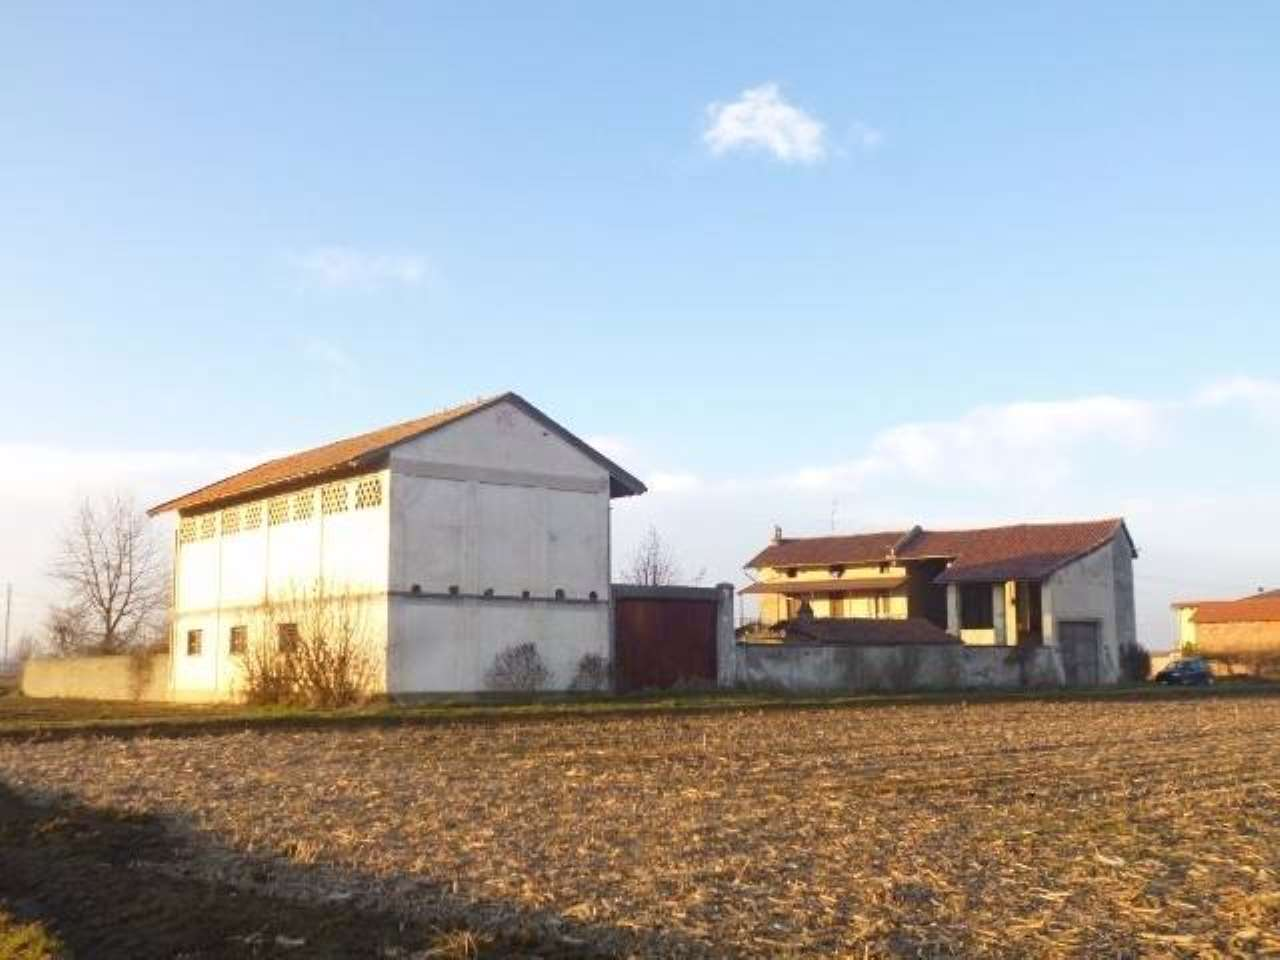 Rustico / Casale in vendita a Tronzano Vercellese, 5 locali, prezzo € 85.000 | PortaleAgenzieImmobiliari.it